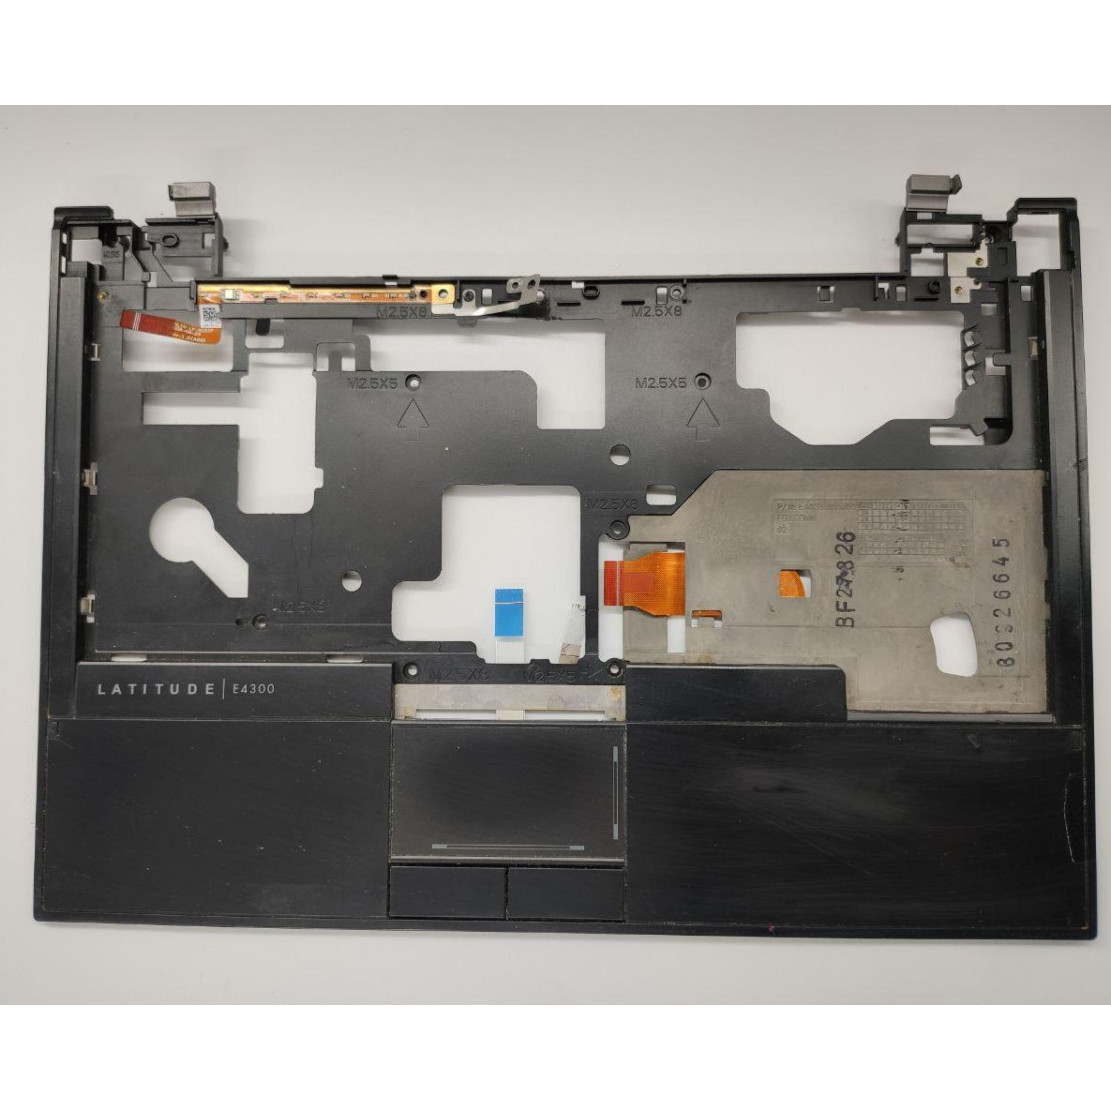 """Середня частина корпуса для ноутбука Dell Latitude E4300, 13.3"""", cn-0n471d, ap03s000800, б/в. Пошкоджений шлейф (фото), та кріплення."""